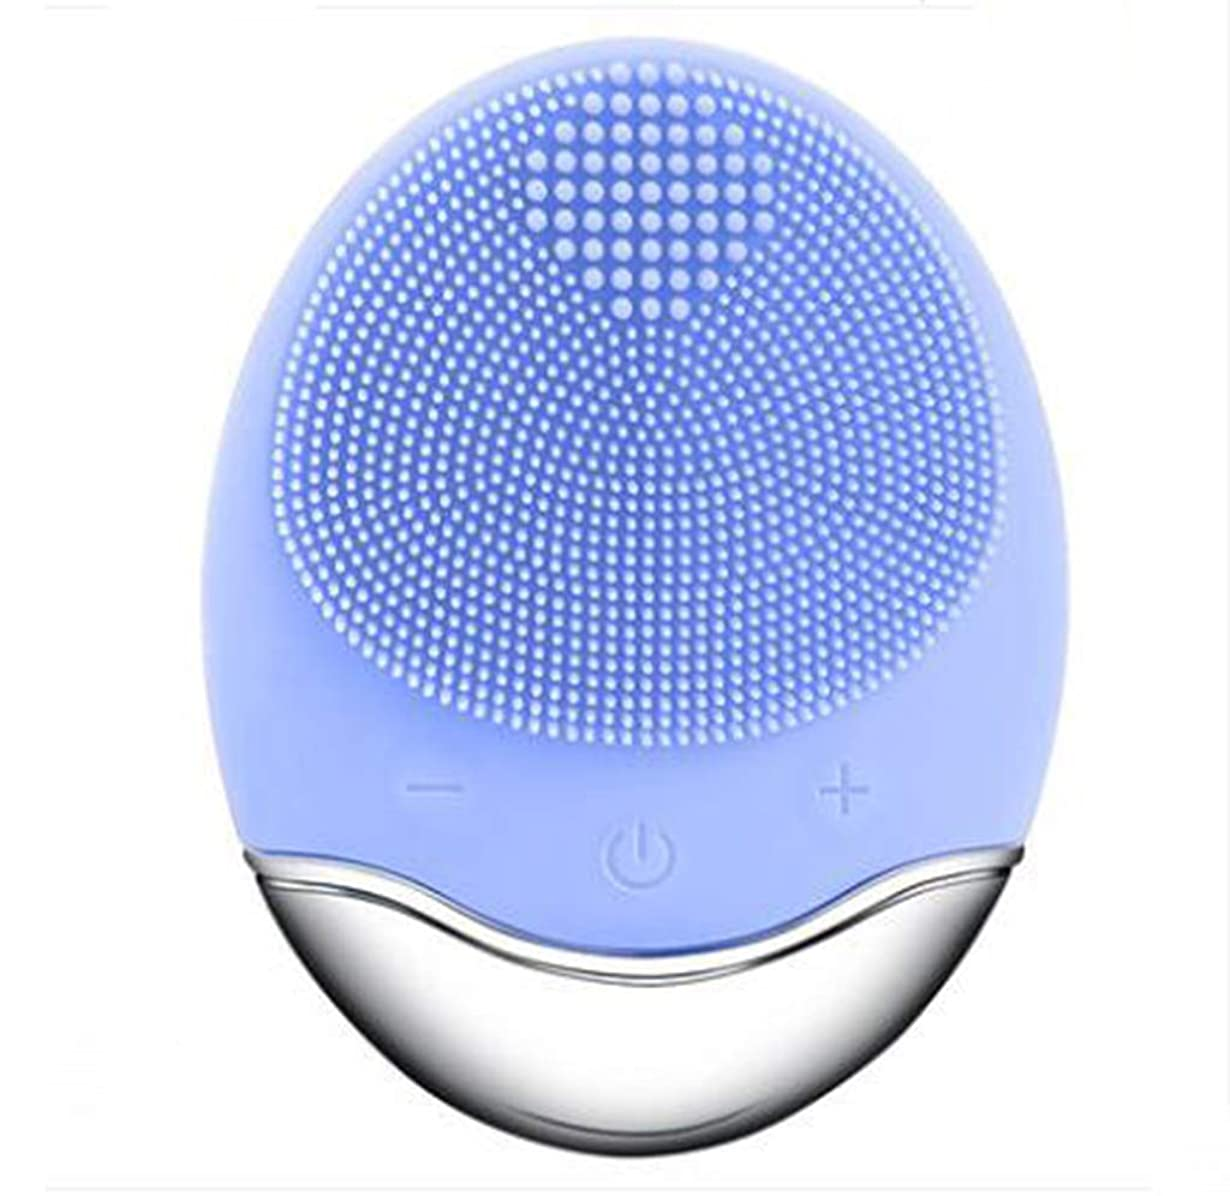 縫う遠え貯水池シリコーン電気クレンジング器具、洗顔毛穴クリーナーマッサージフェイス、イントロデューサー + クレンジング器具 (1 つ2個),Blue